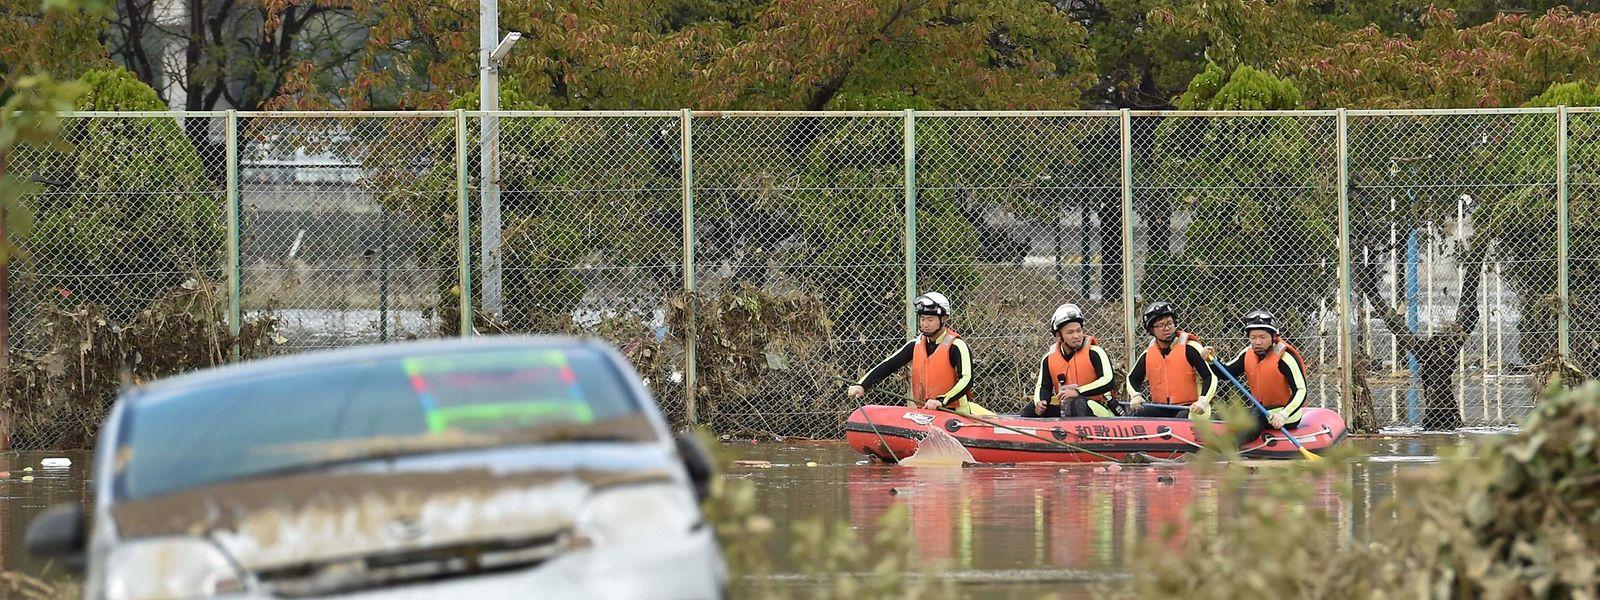 Rettungskräfte kamen bisher nur per Boot oder aus der Luft an die notleidende Bevölkerung.